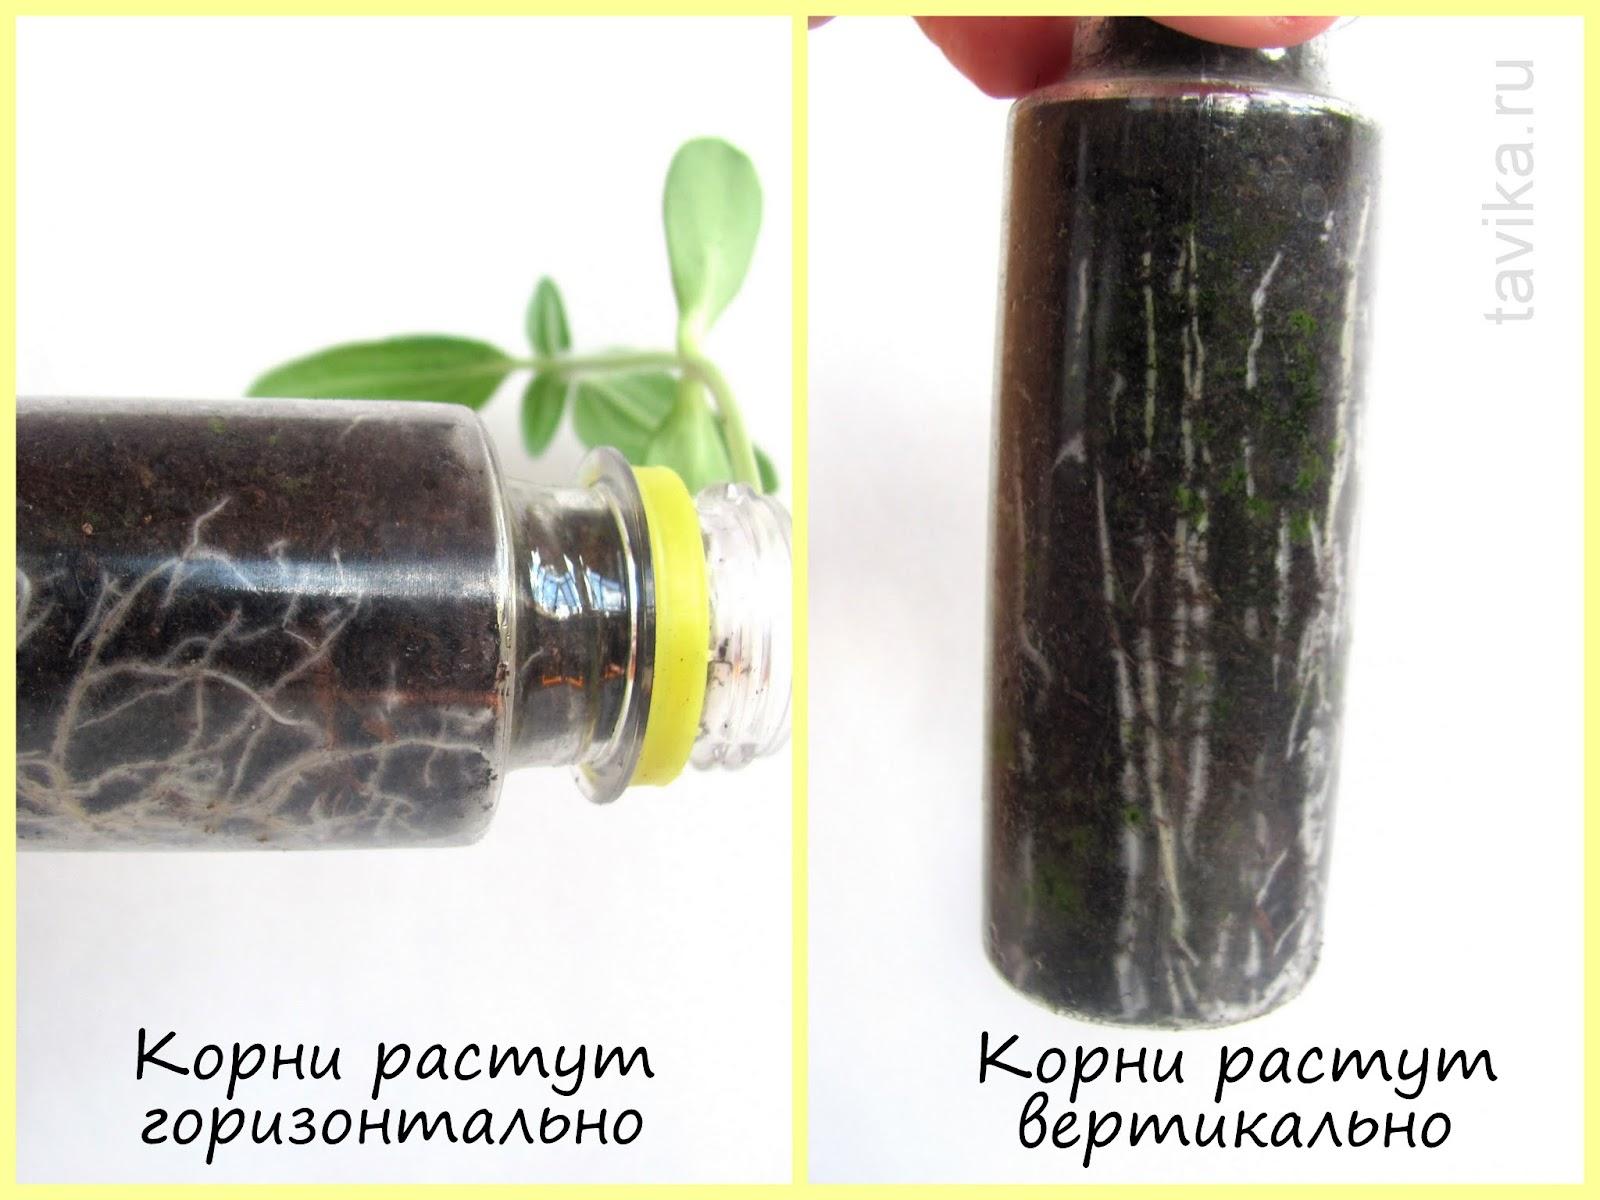 опыты с растениями для детей: геотропизм корня